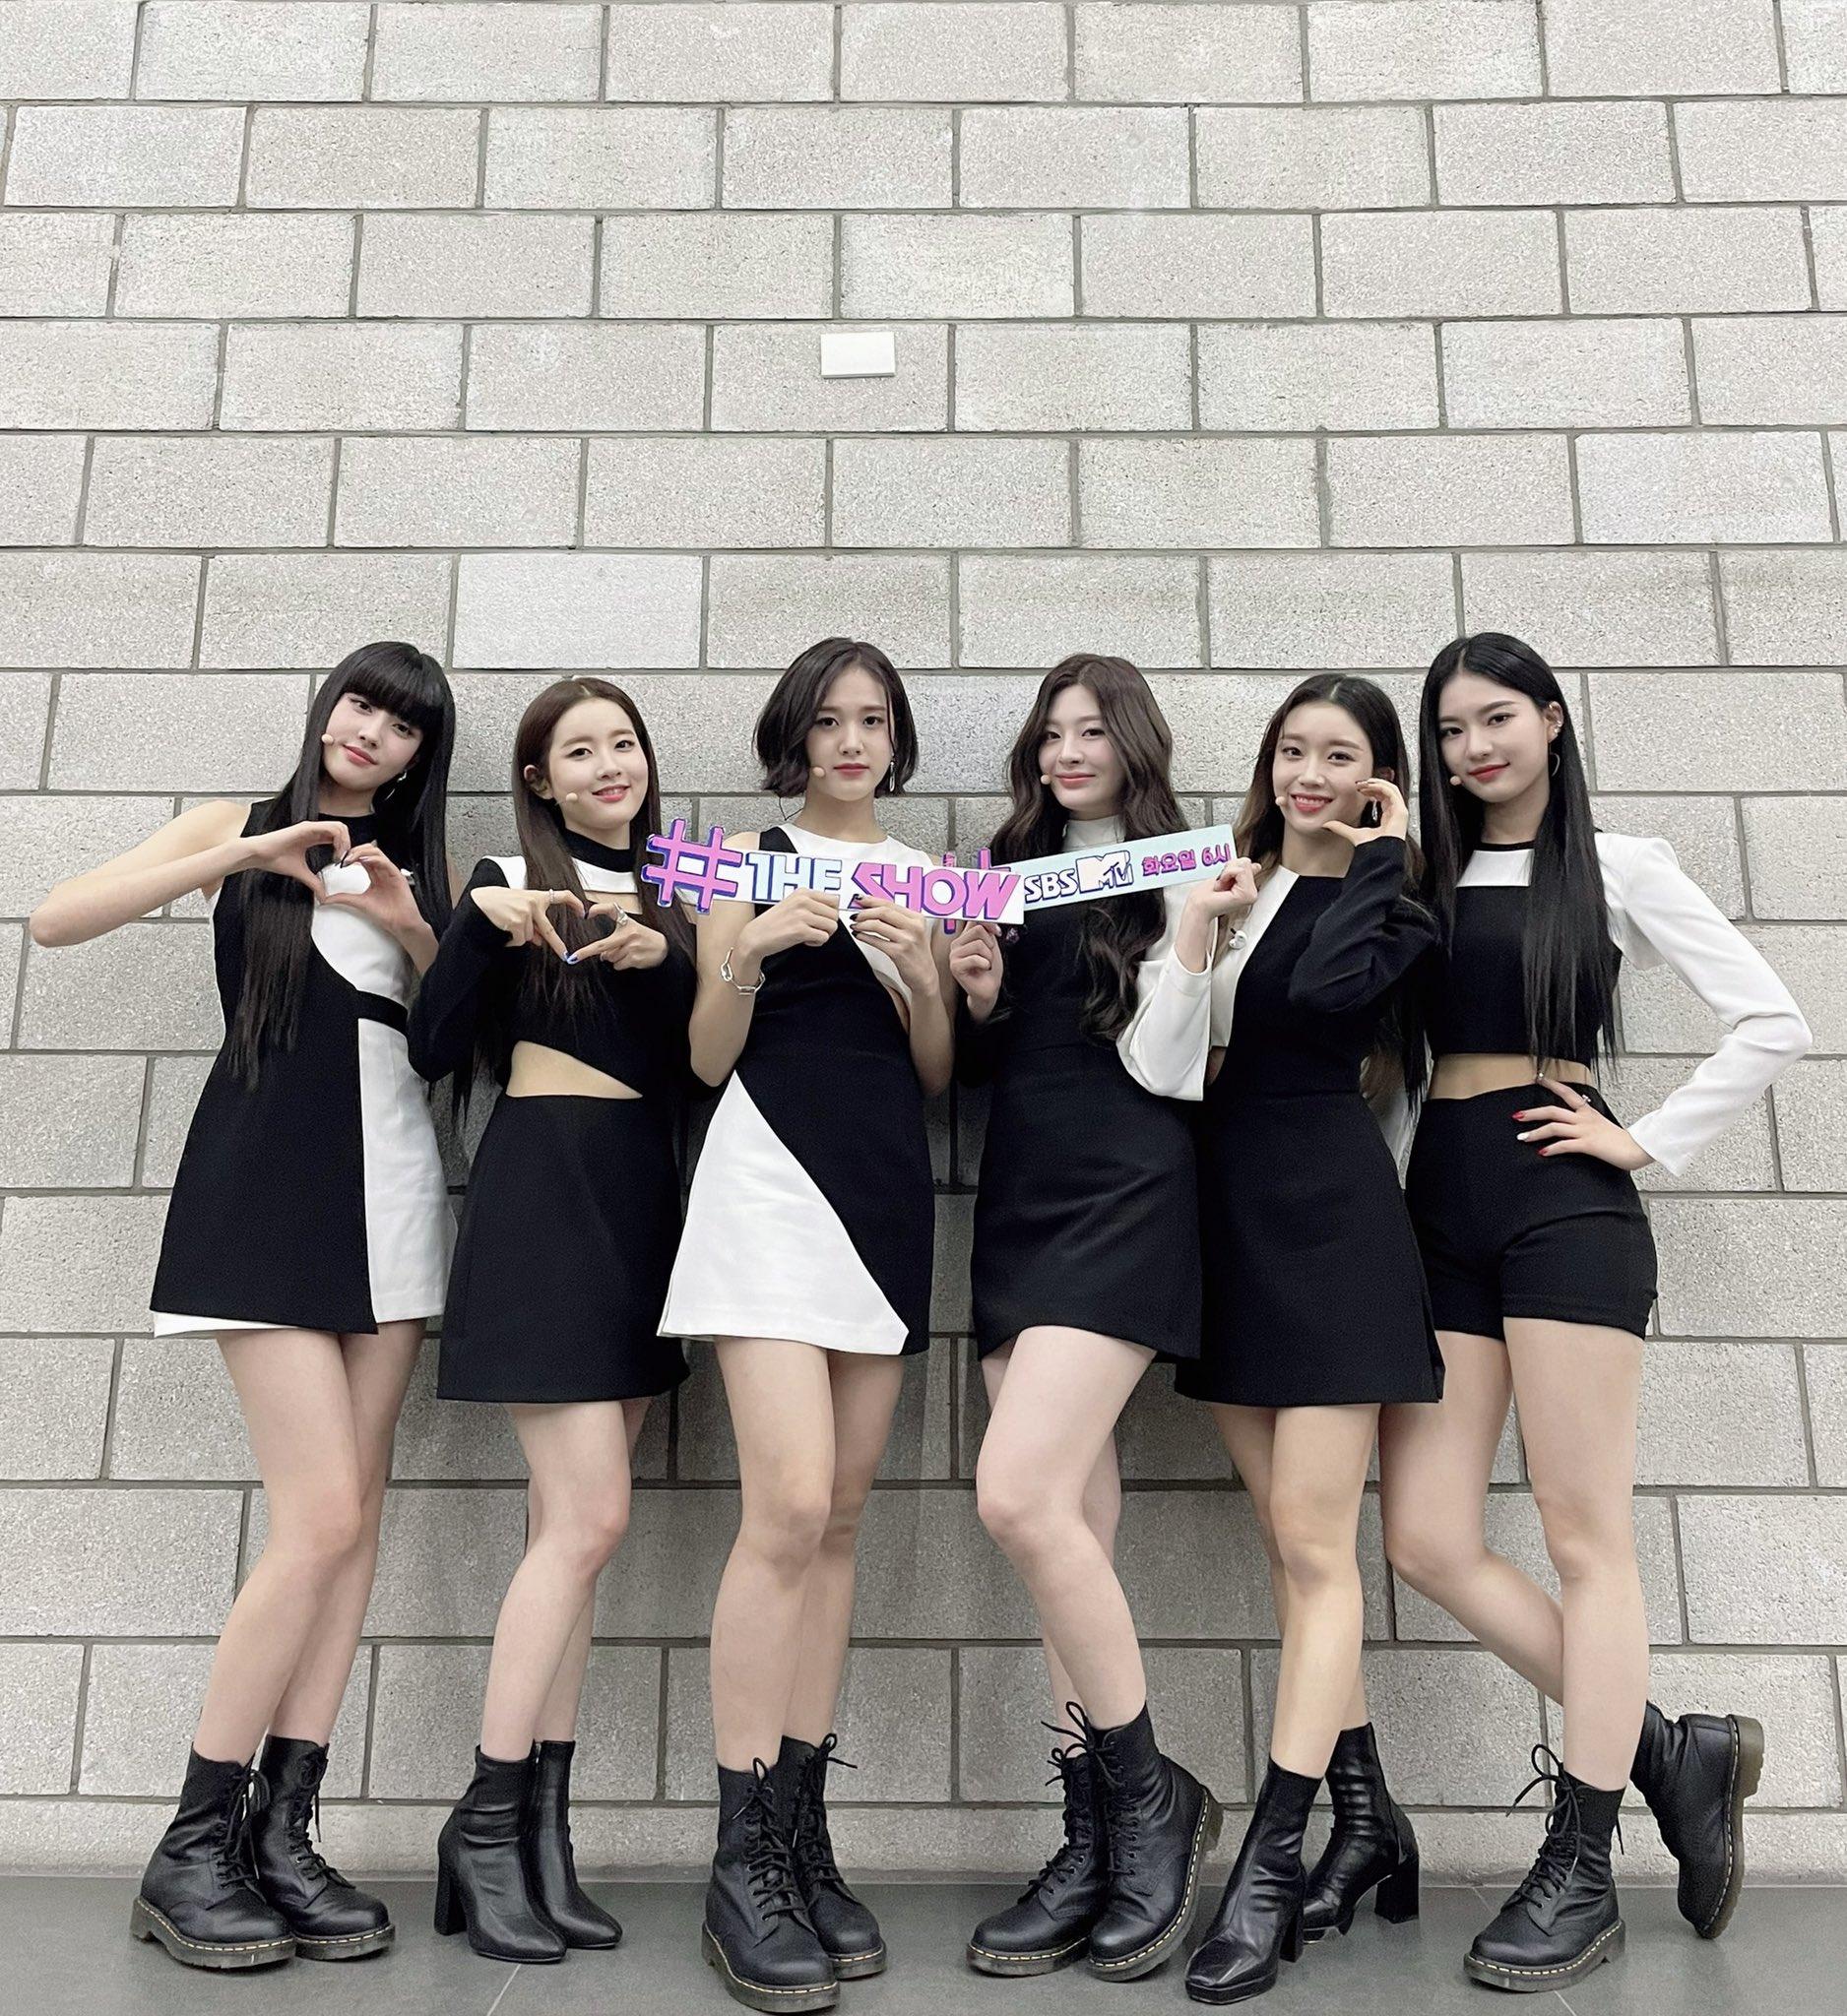 Trong màn debut với ca khúc So Bad hồi tháng 11/2020, StayC cũng nhận nhiều lời khen về trang phục trình diễn đồng đều, thiết kế không quá rườm rà nhưng vẫn đủ nổi bật.